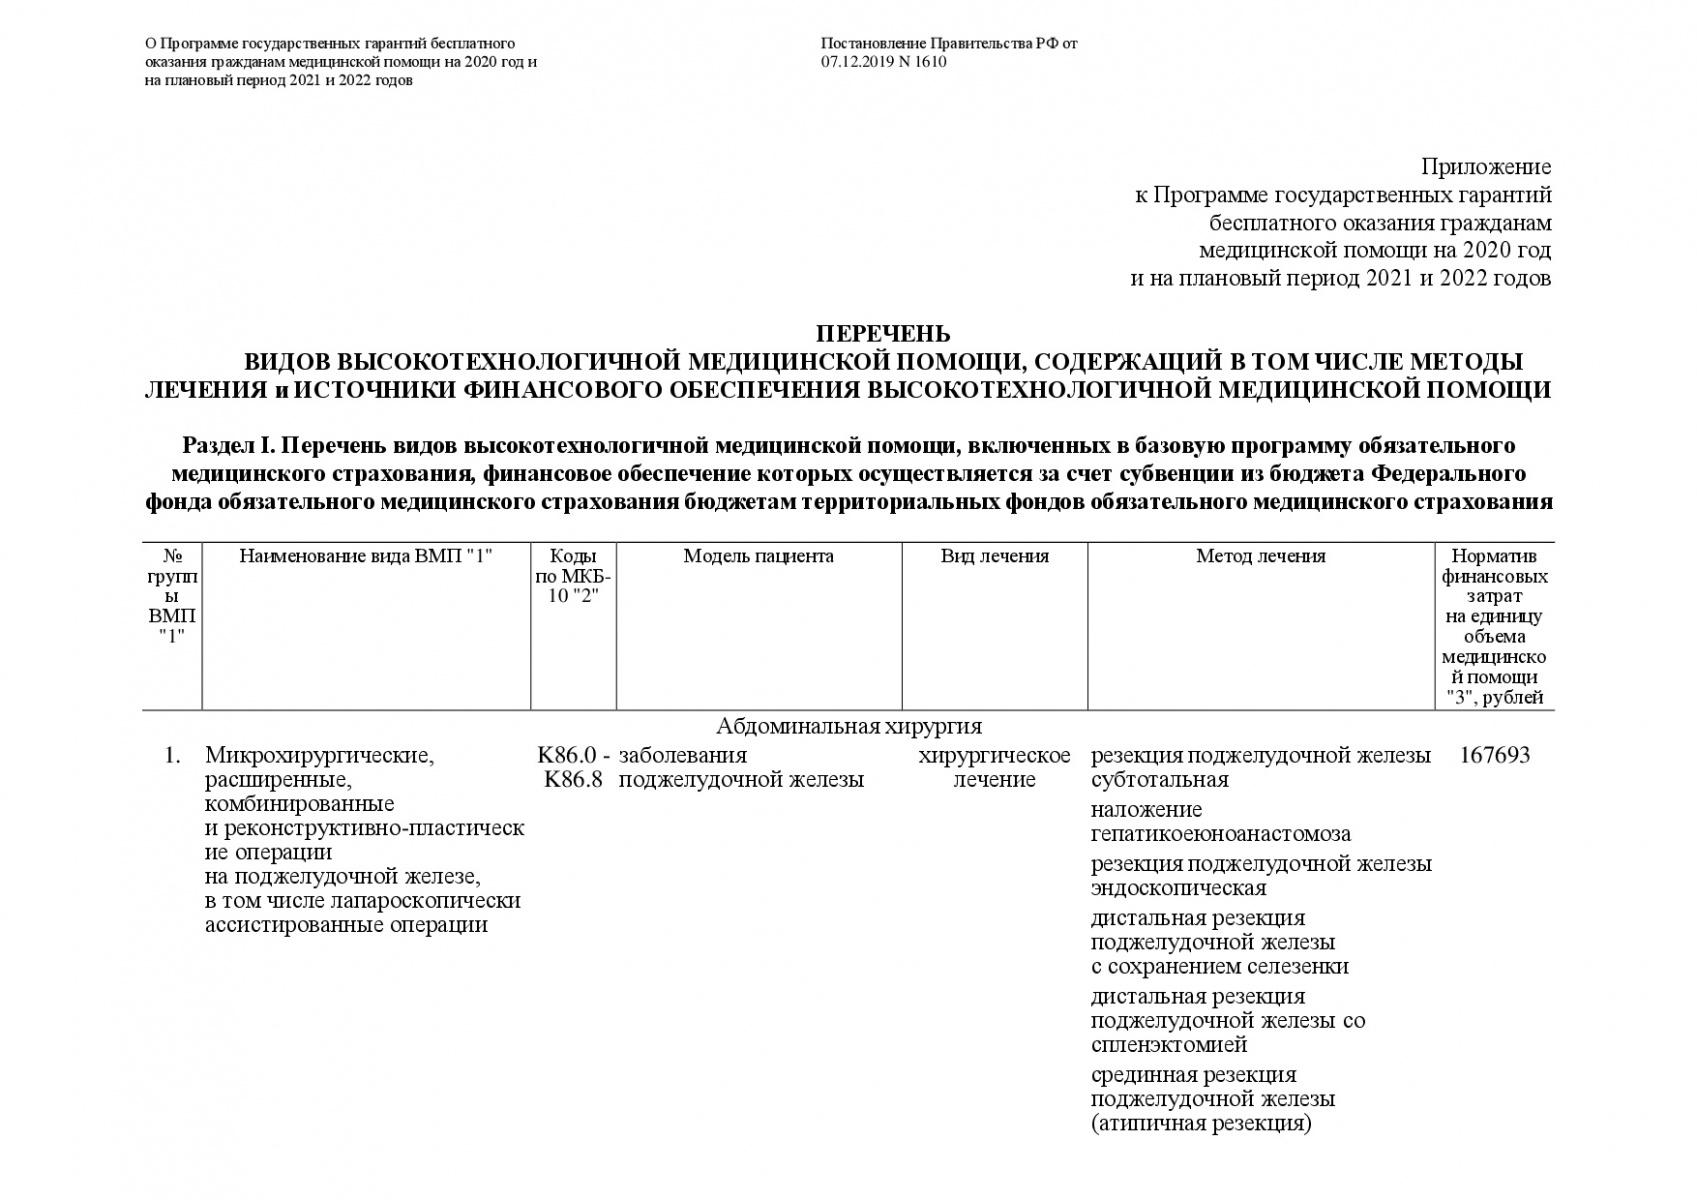 Postanovlenie-Pravitelstva-RF-ot-07_12_2019-1610-O-PGG-032